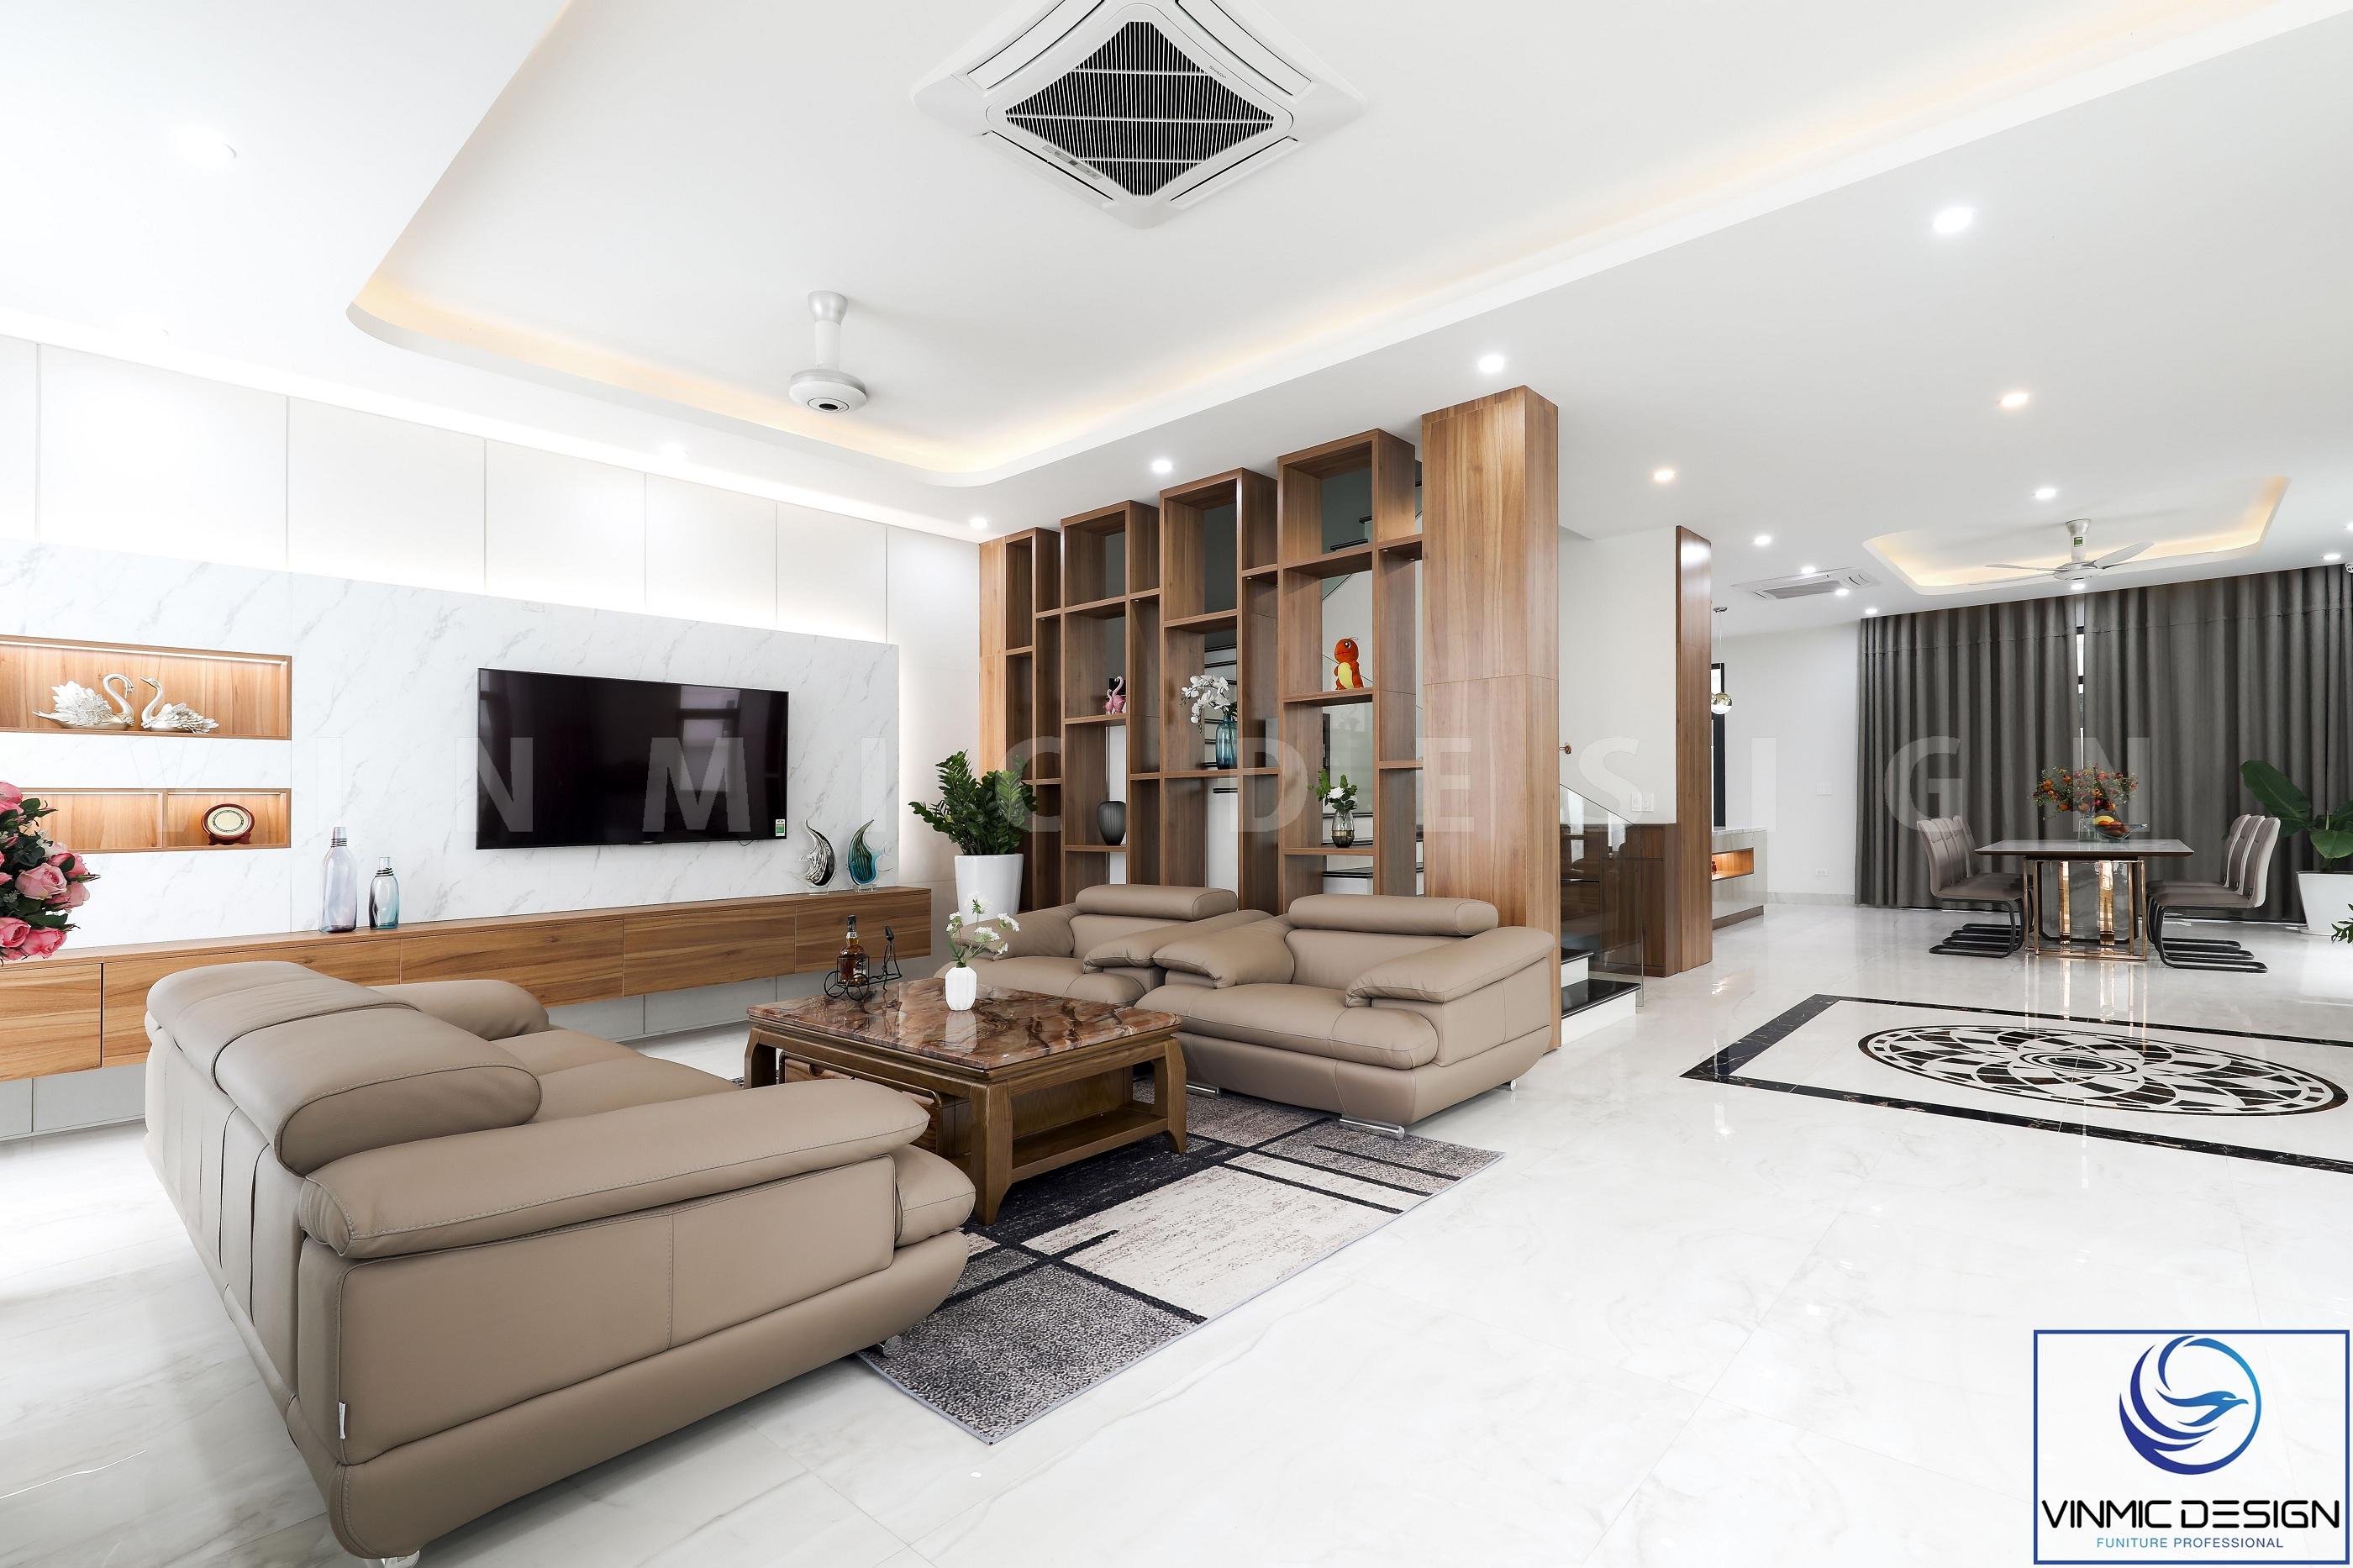 Phòng khách được thi công với phong cách hiện đại và đơn giản